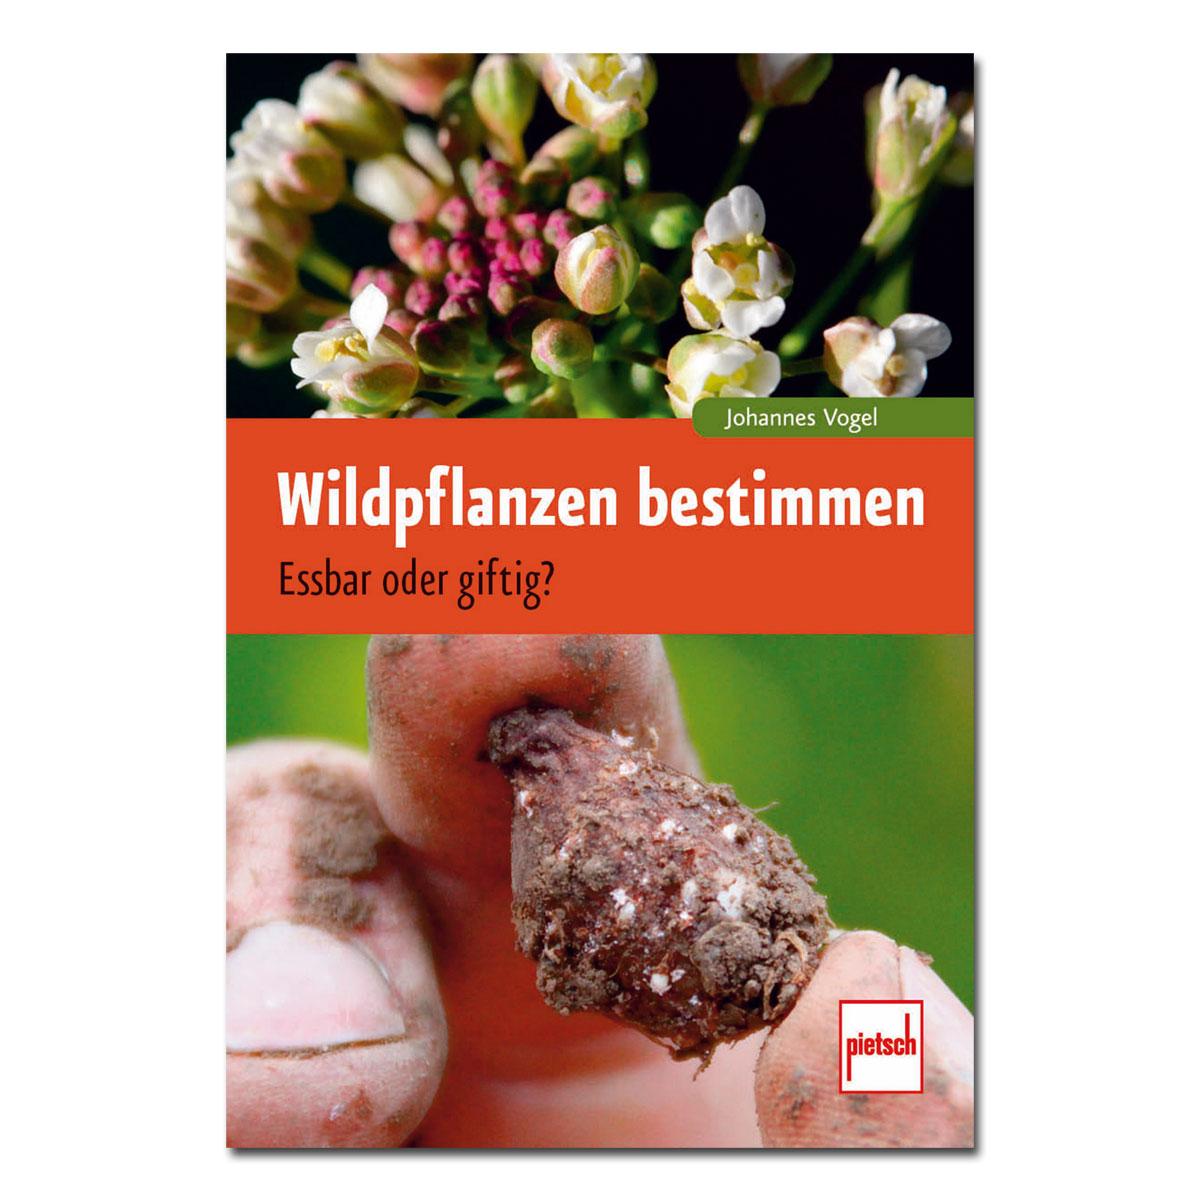 Wildpflanzen bestimmen - Essbar oder giftig? im Pareyshop